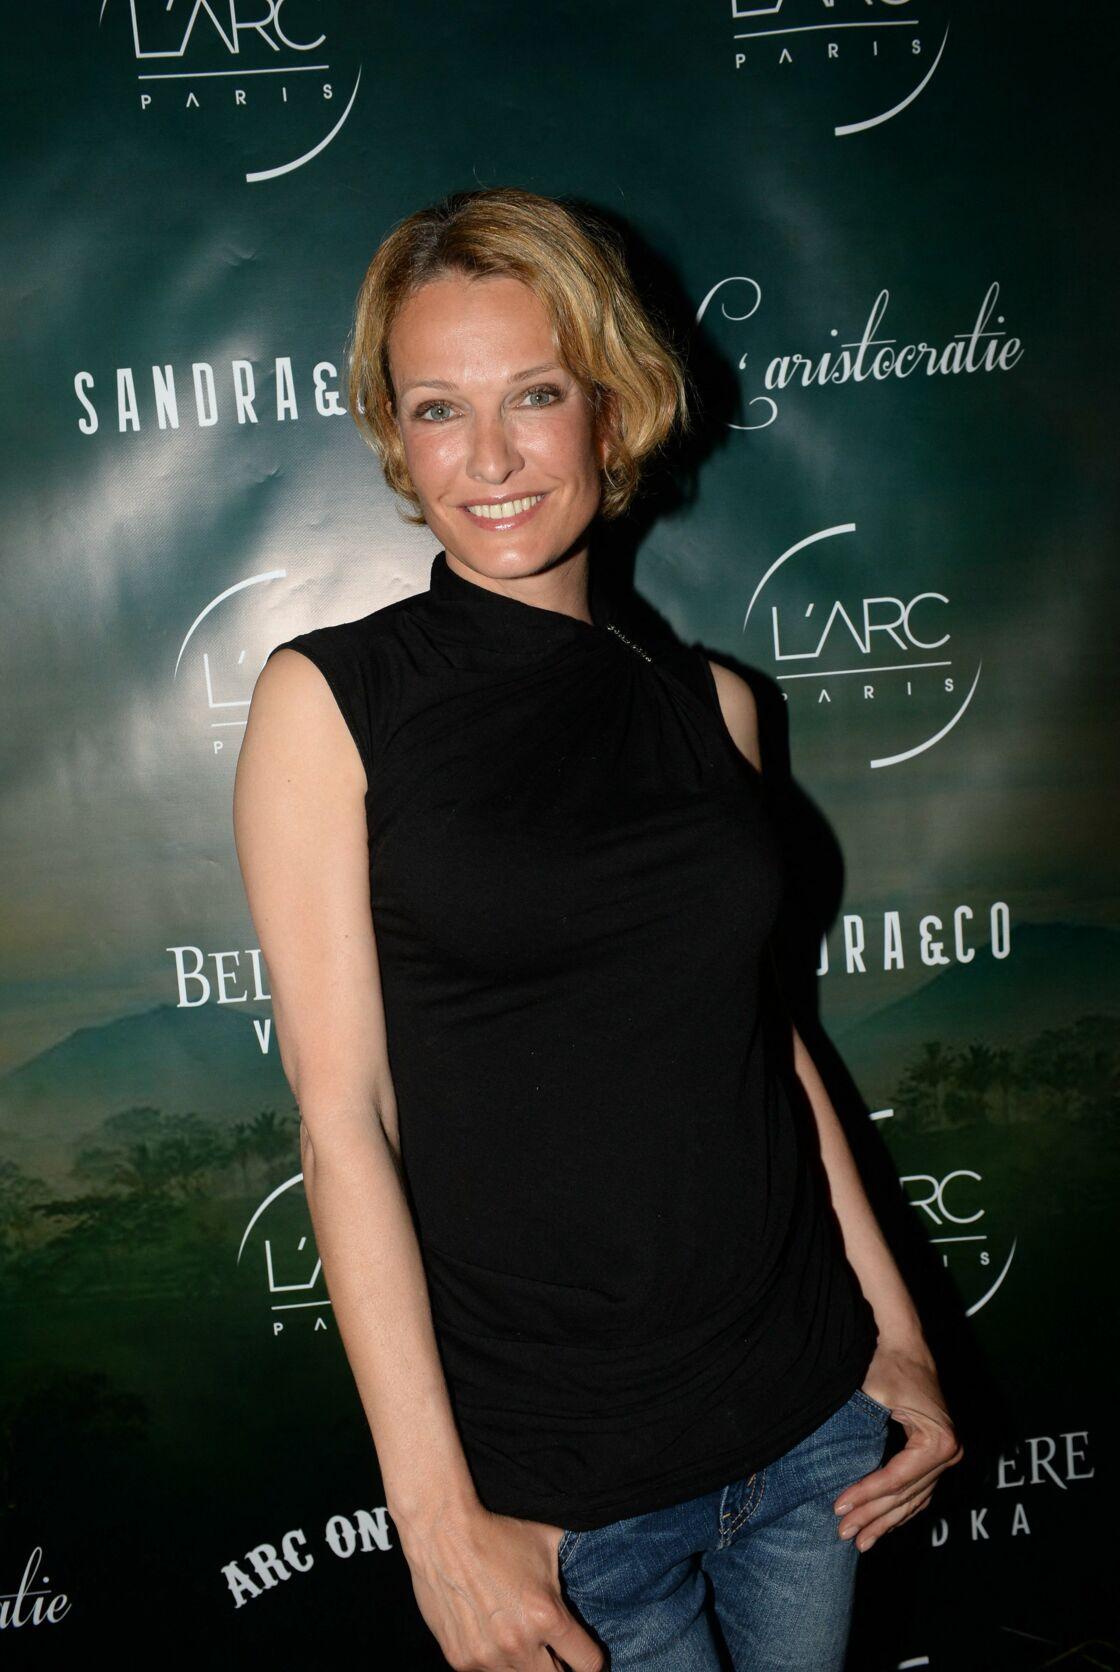 Karen Mulder à l'anniversaire de Sandra Zeitoun de Matteis à l'Arc à Paris, le 24 avril 2015.